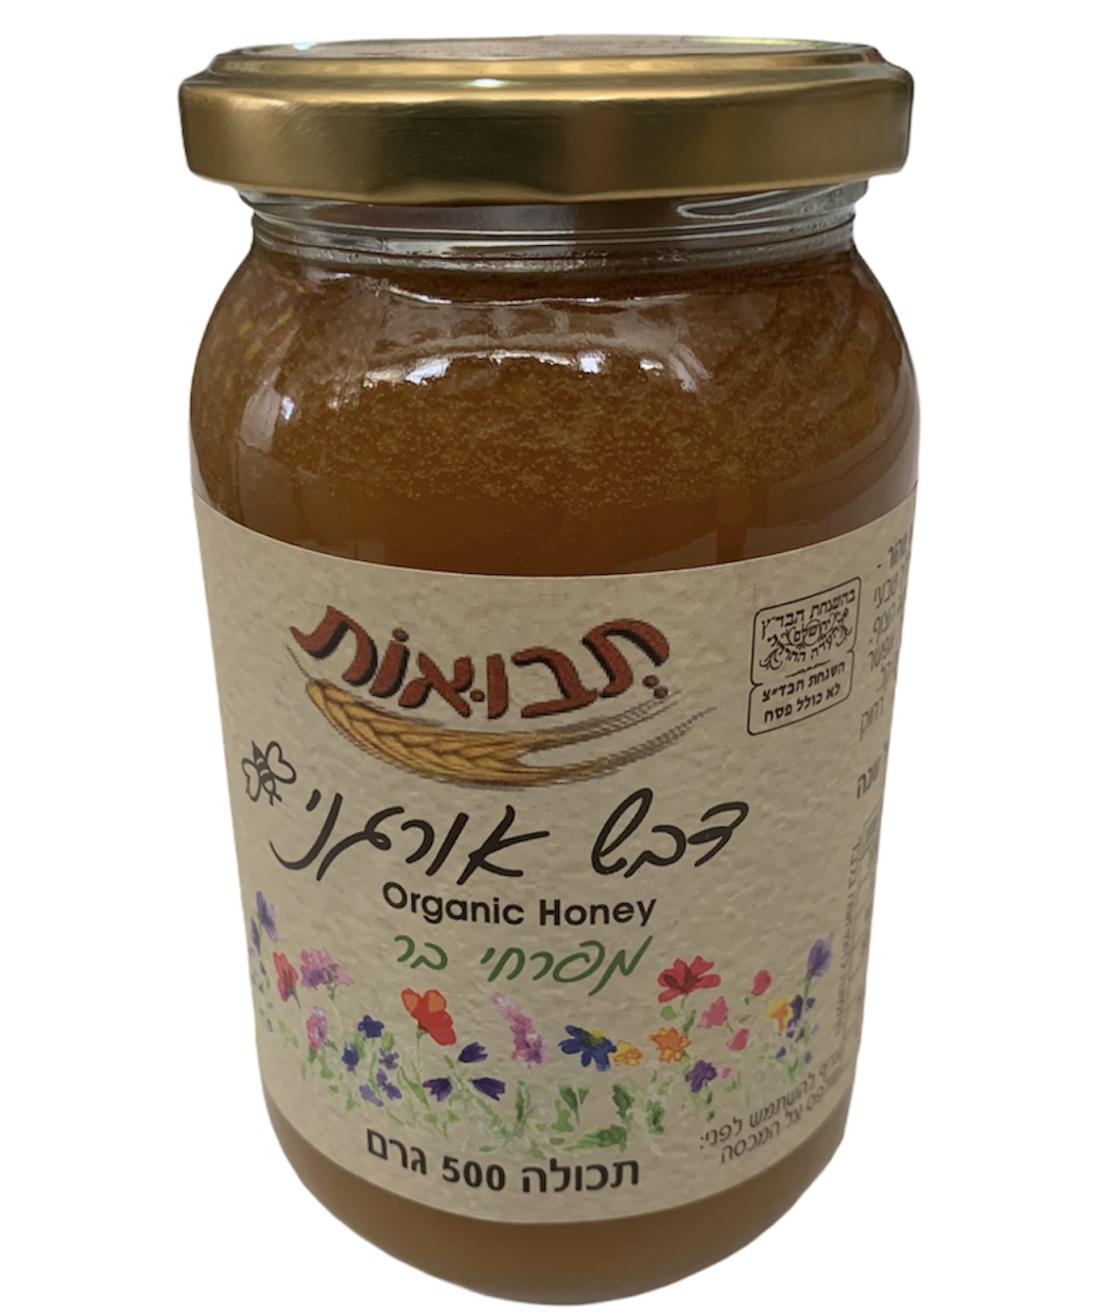 דבש אורגני תבואות 500 גרם